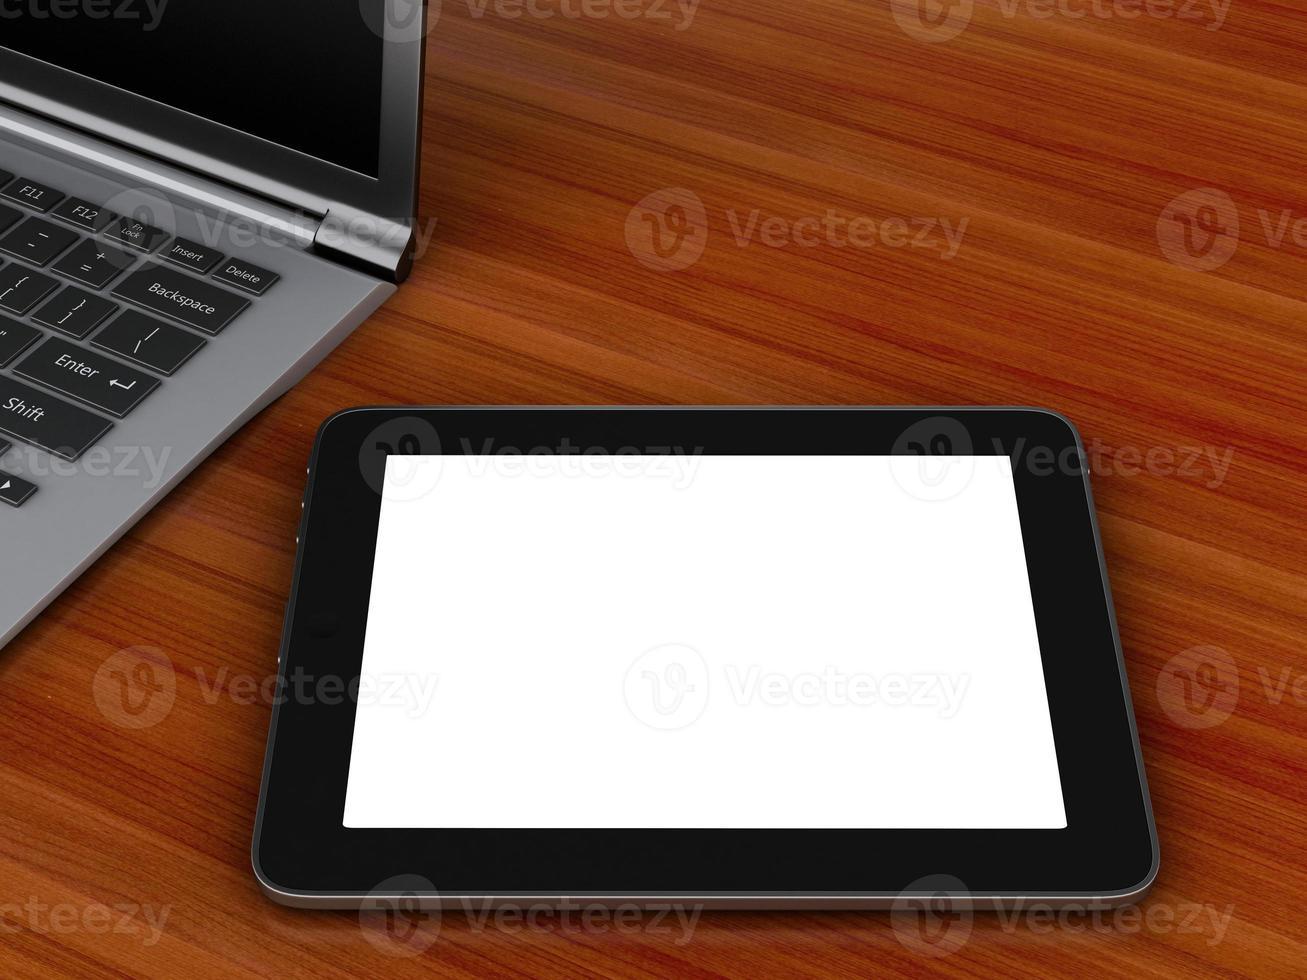 posto di lavoro con tablet digitale e pc portatile. foto